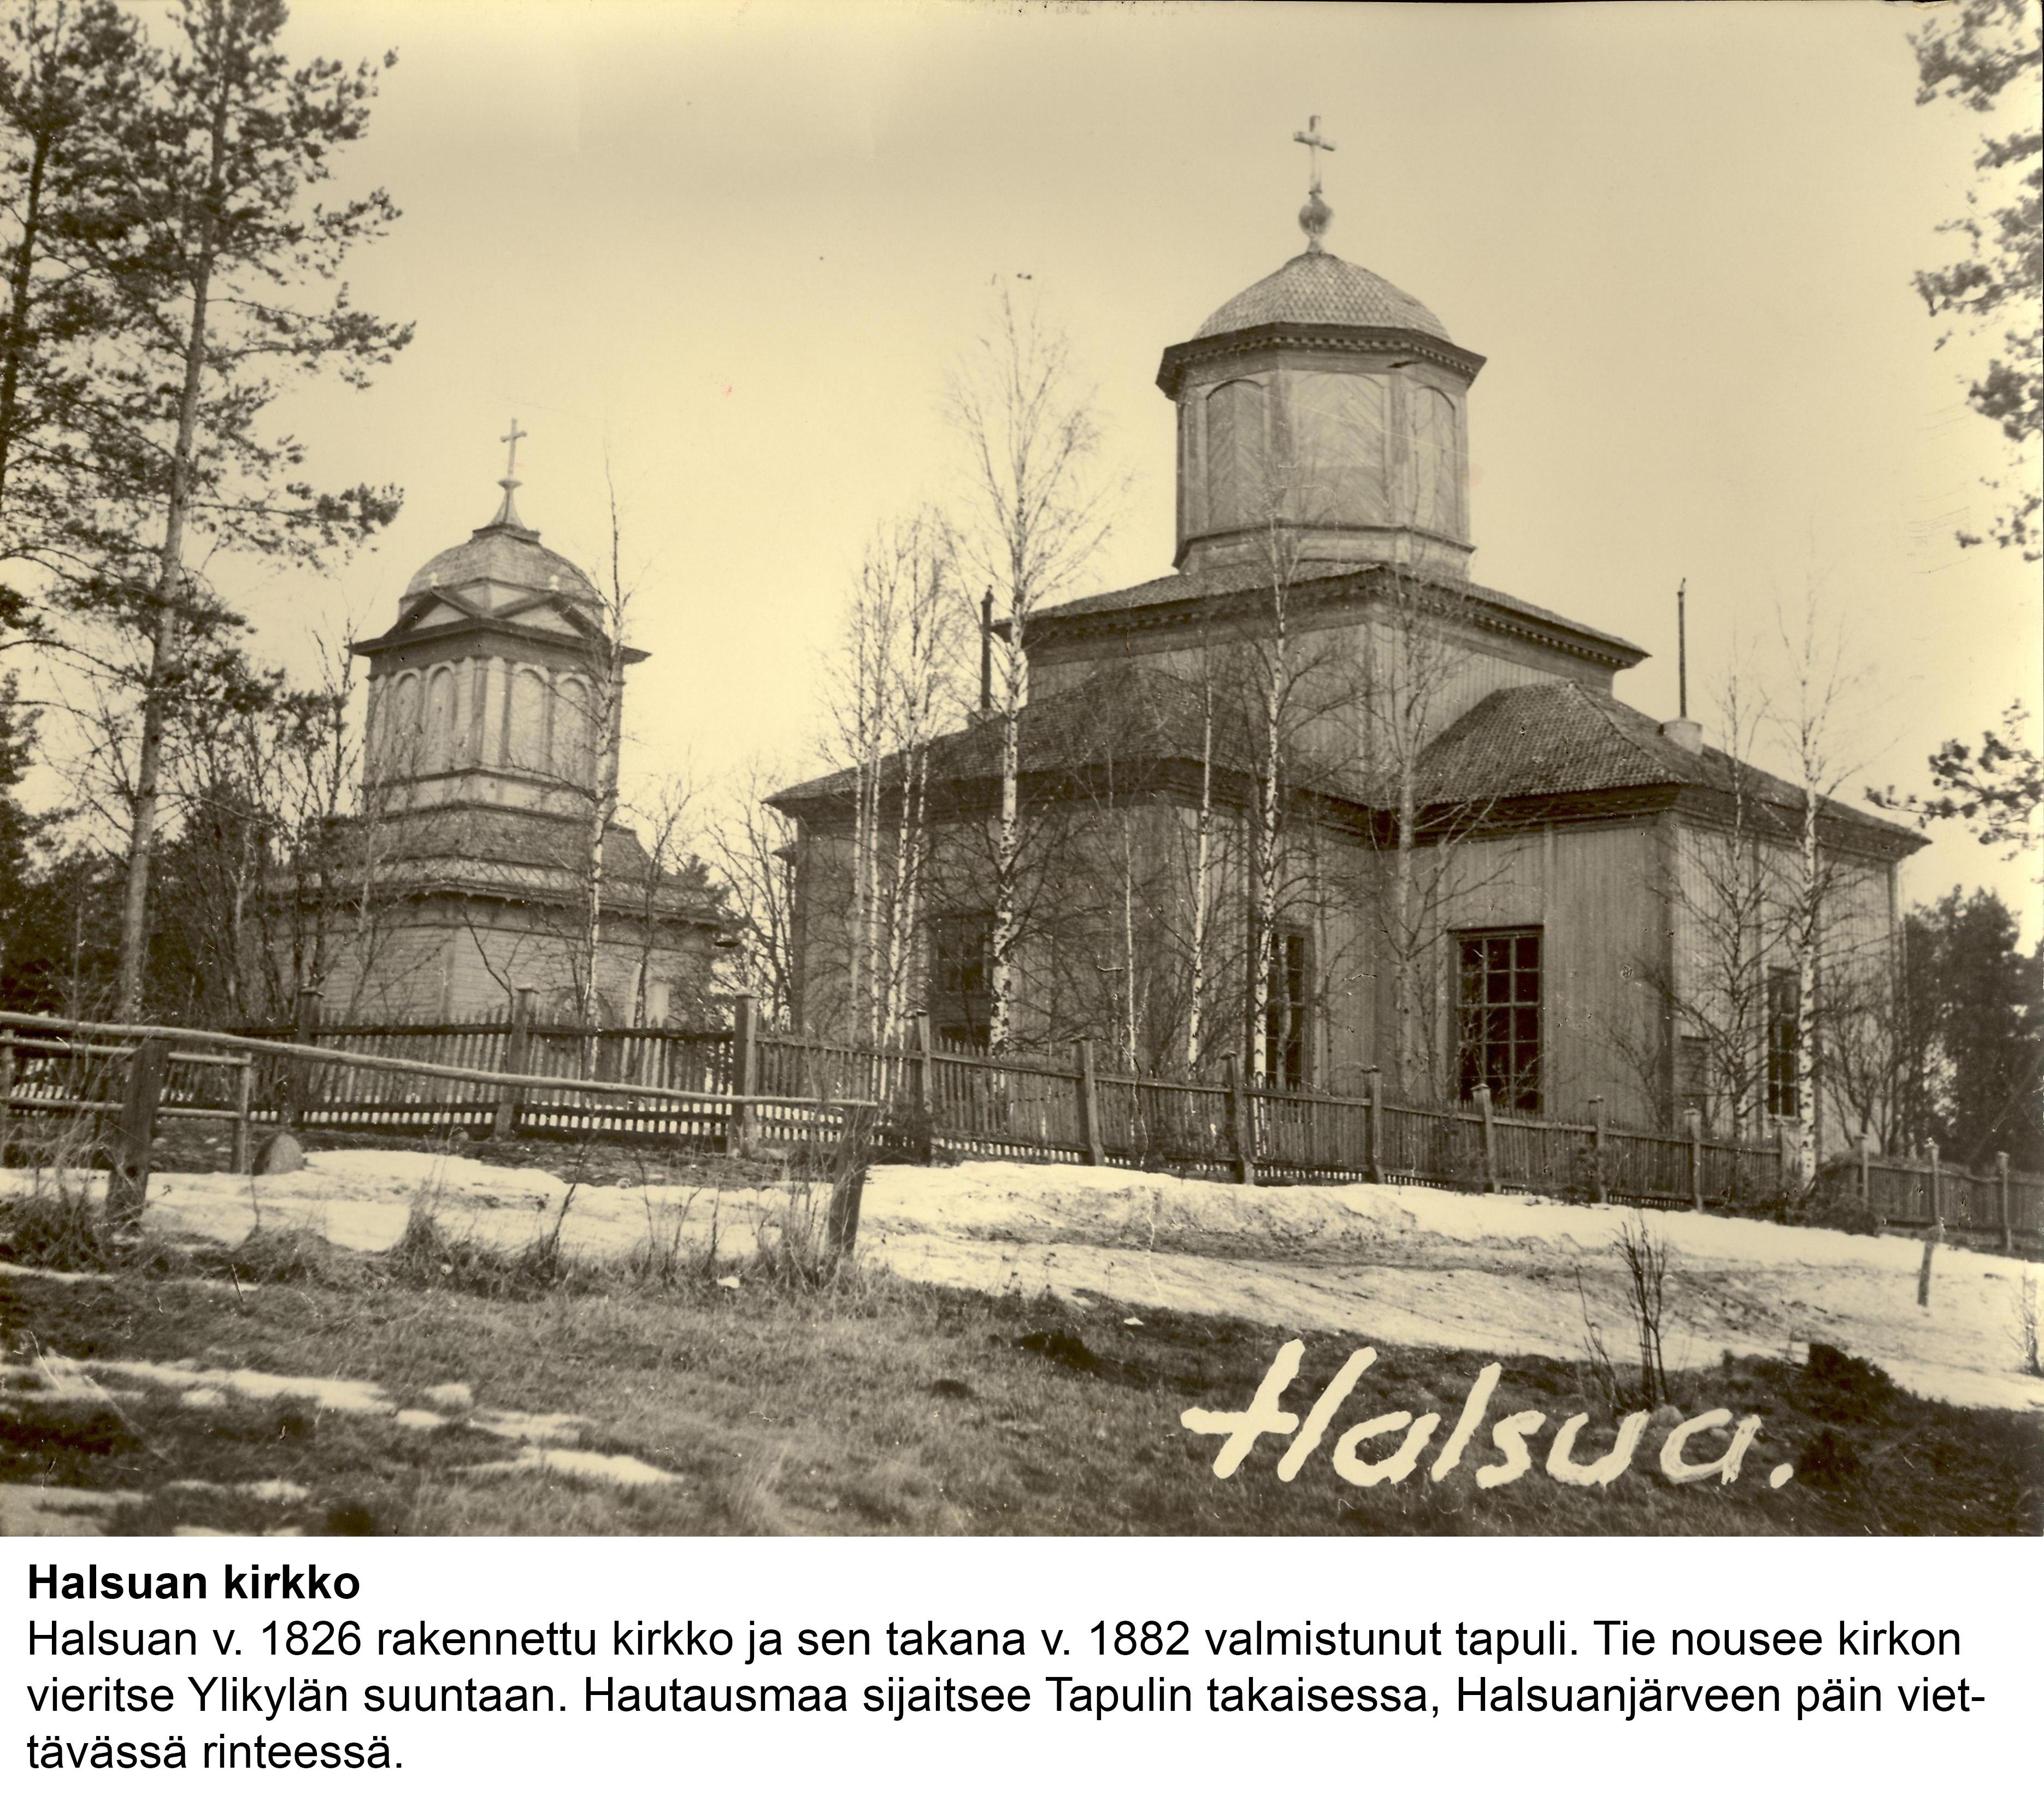 Talo 121. Halsuan kirkko